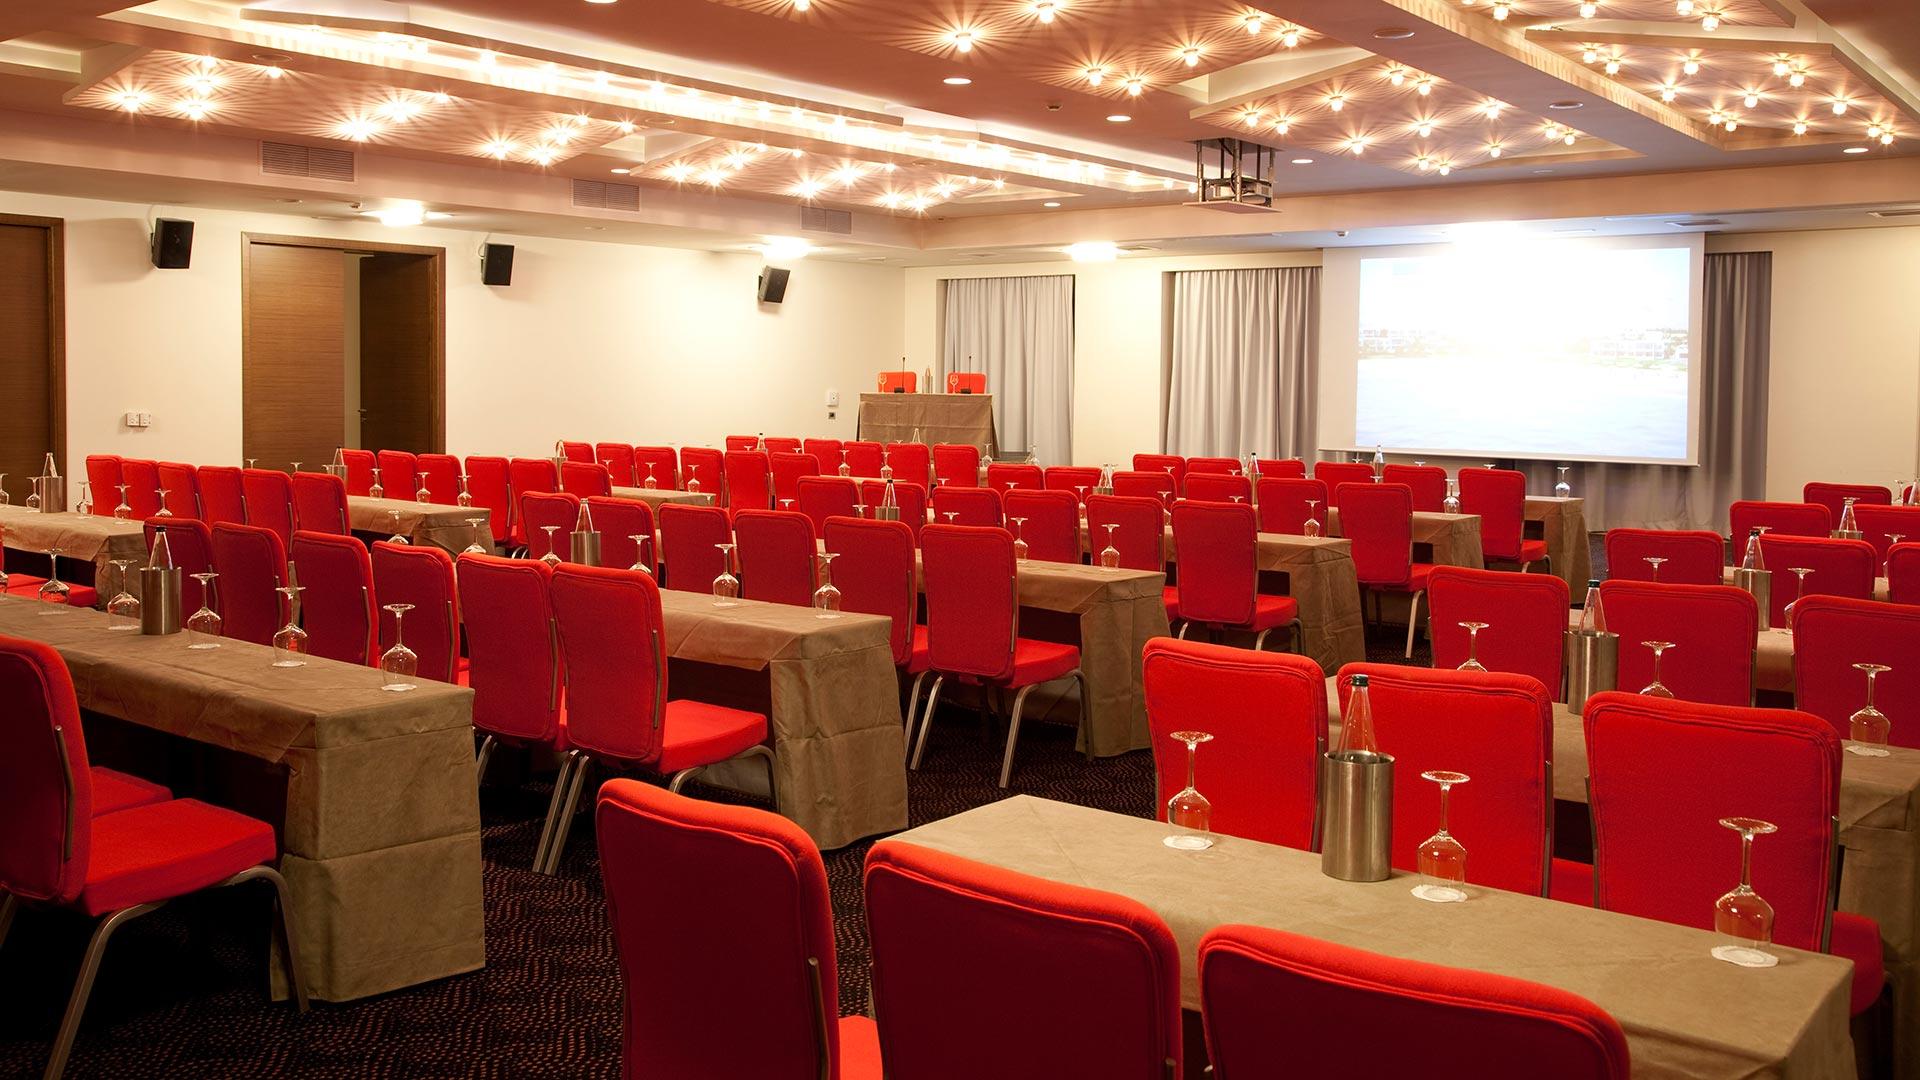 Veranstaltungen-Organisieren Sie Ihre Konferenz mit uns